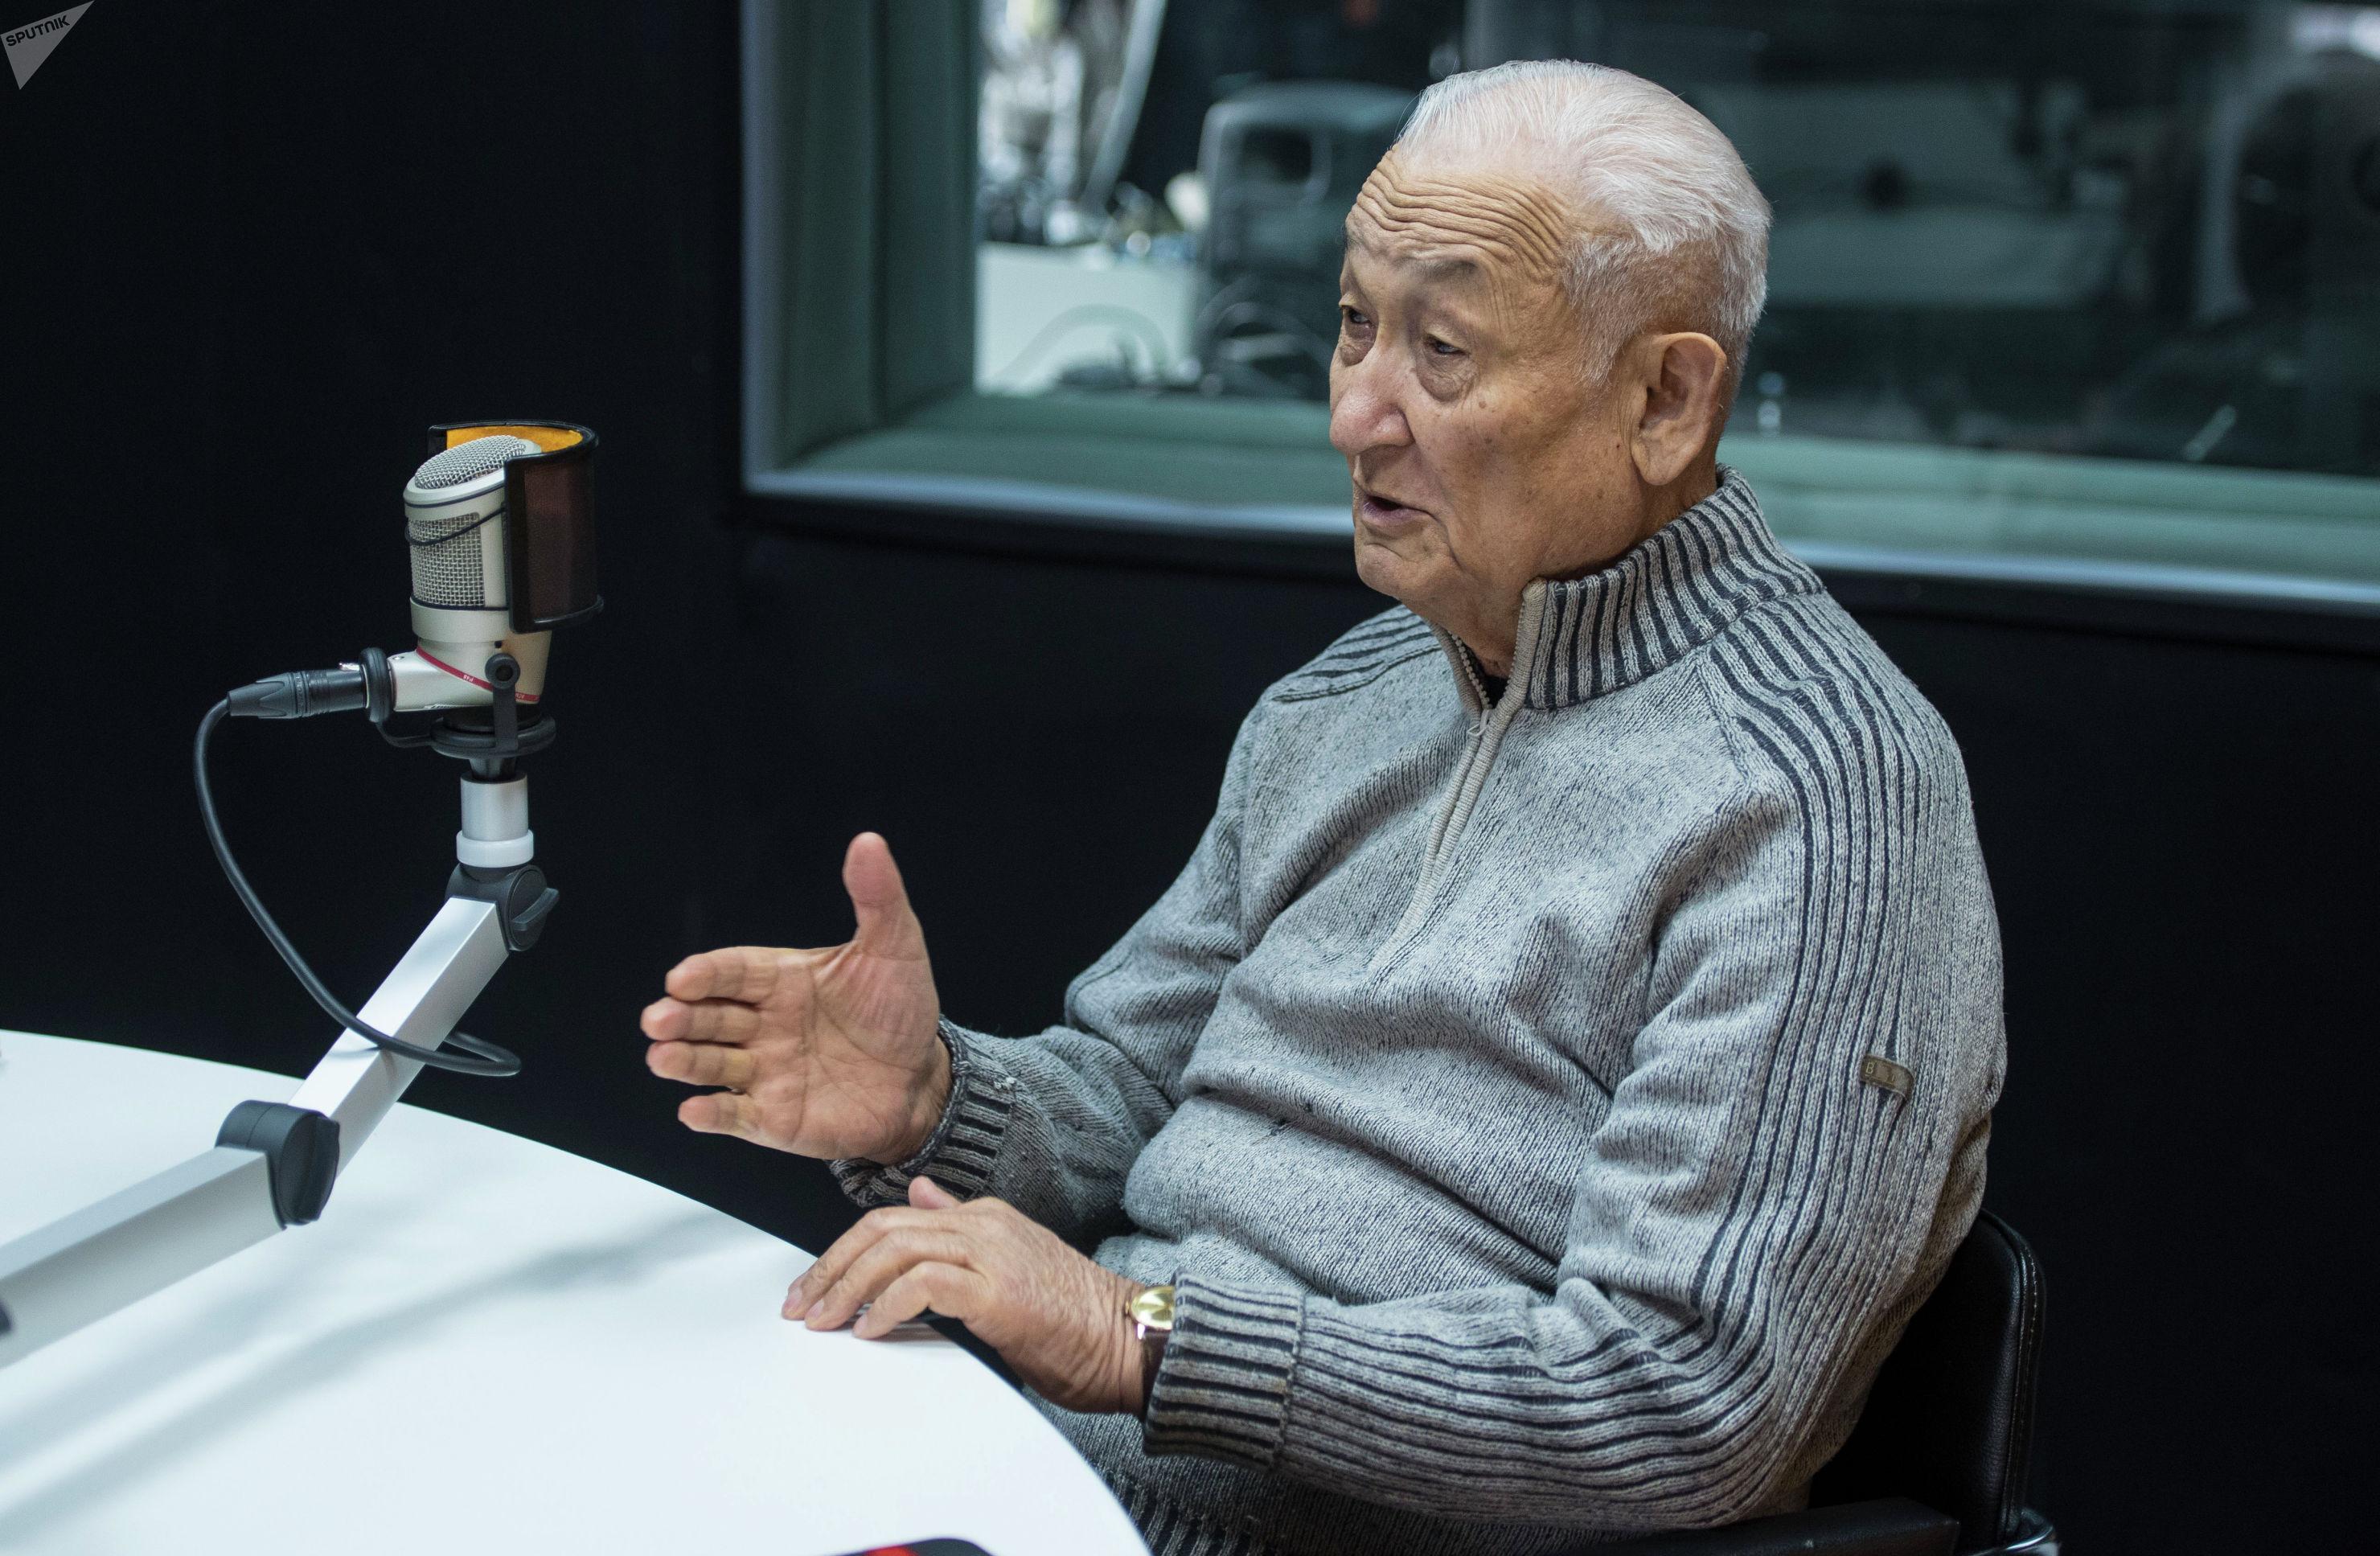 Доктор медицинских наук, профессор Эрнст Акрамов во время интервью на радиостудии Sputnik Кыргызстан